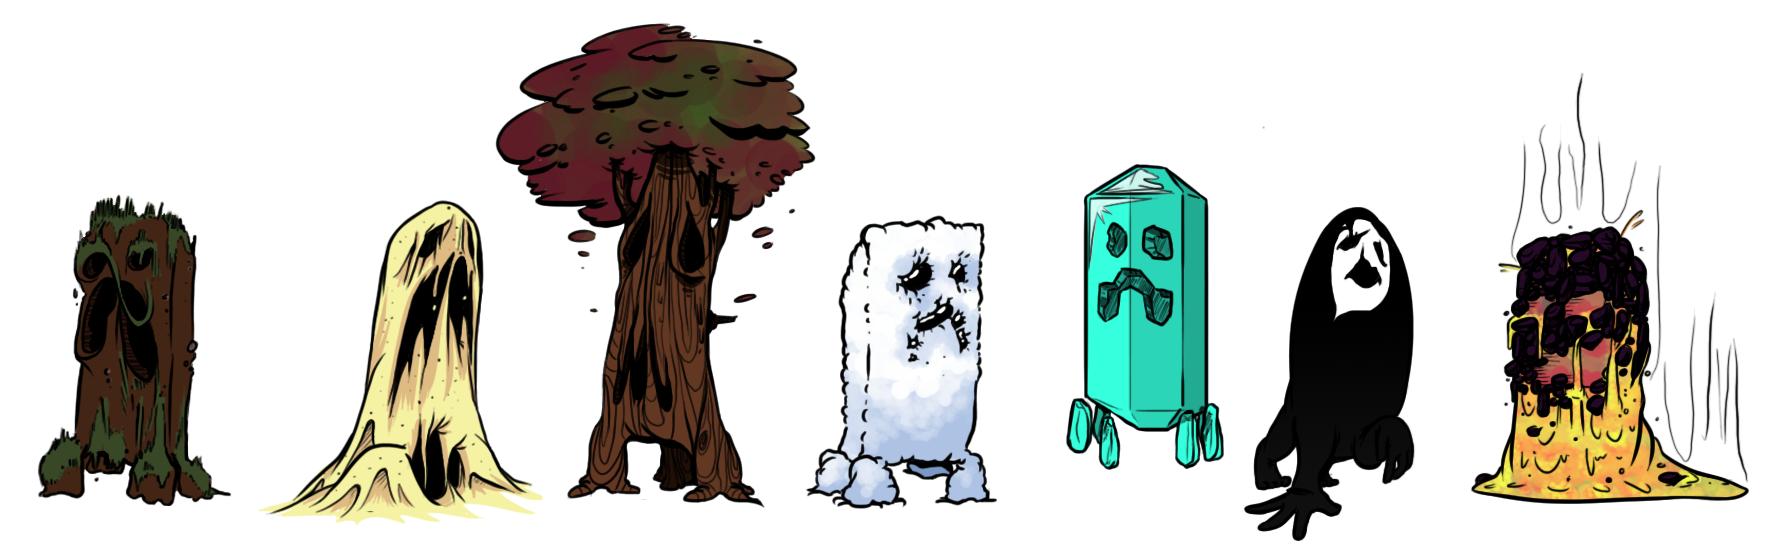 Creeper species